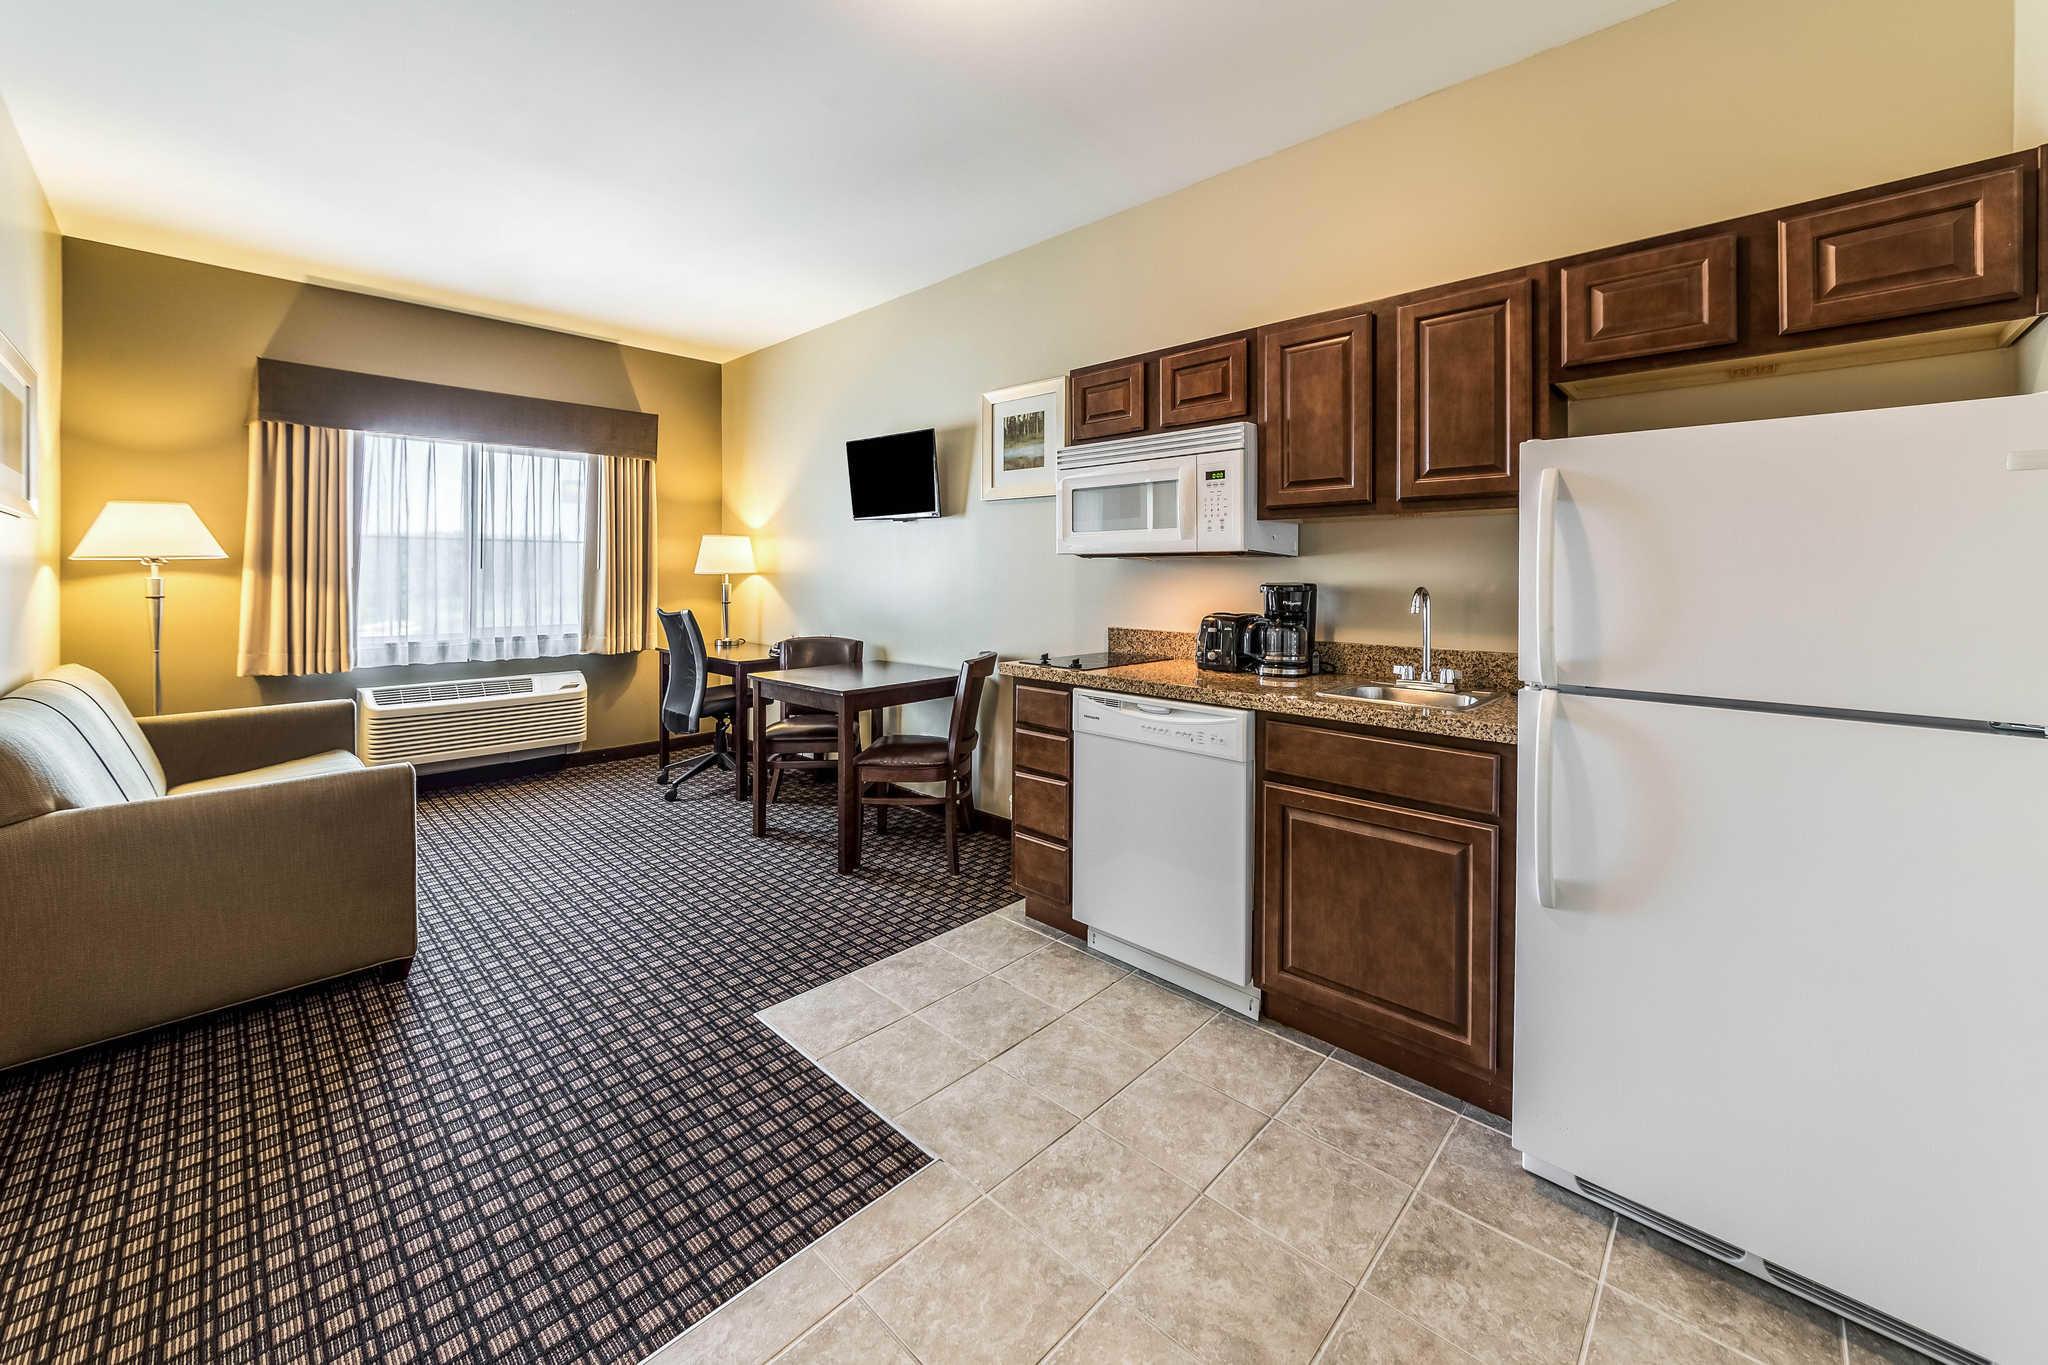 Comfort Inn & Suites Barnesville - Frackville image 29